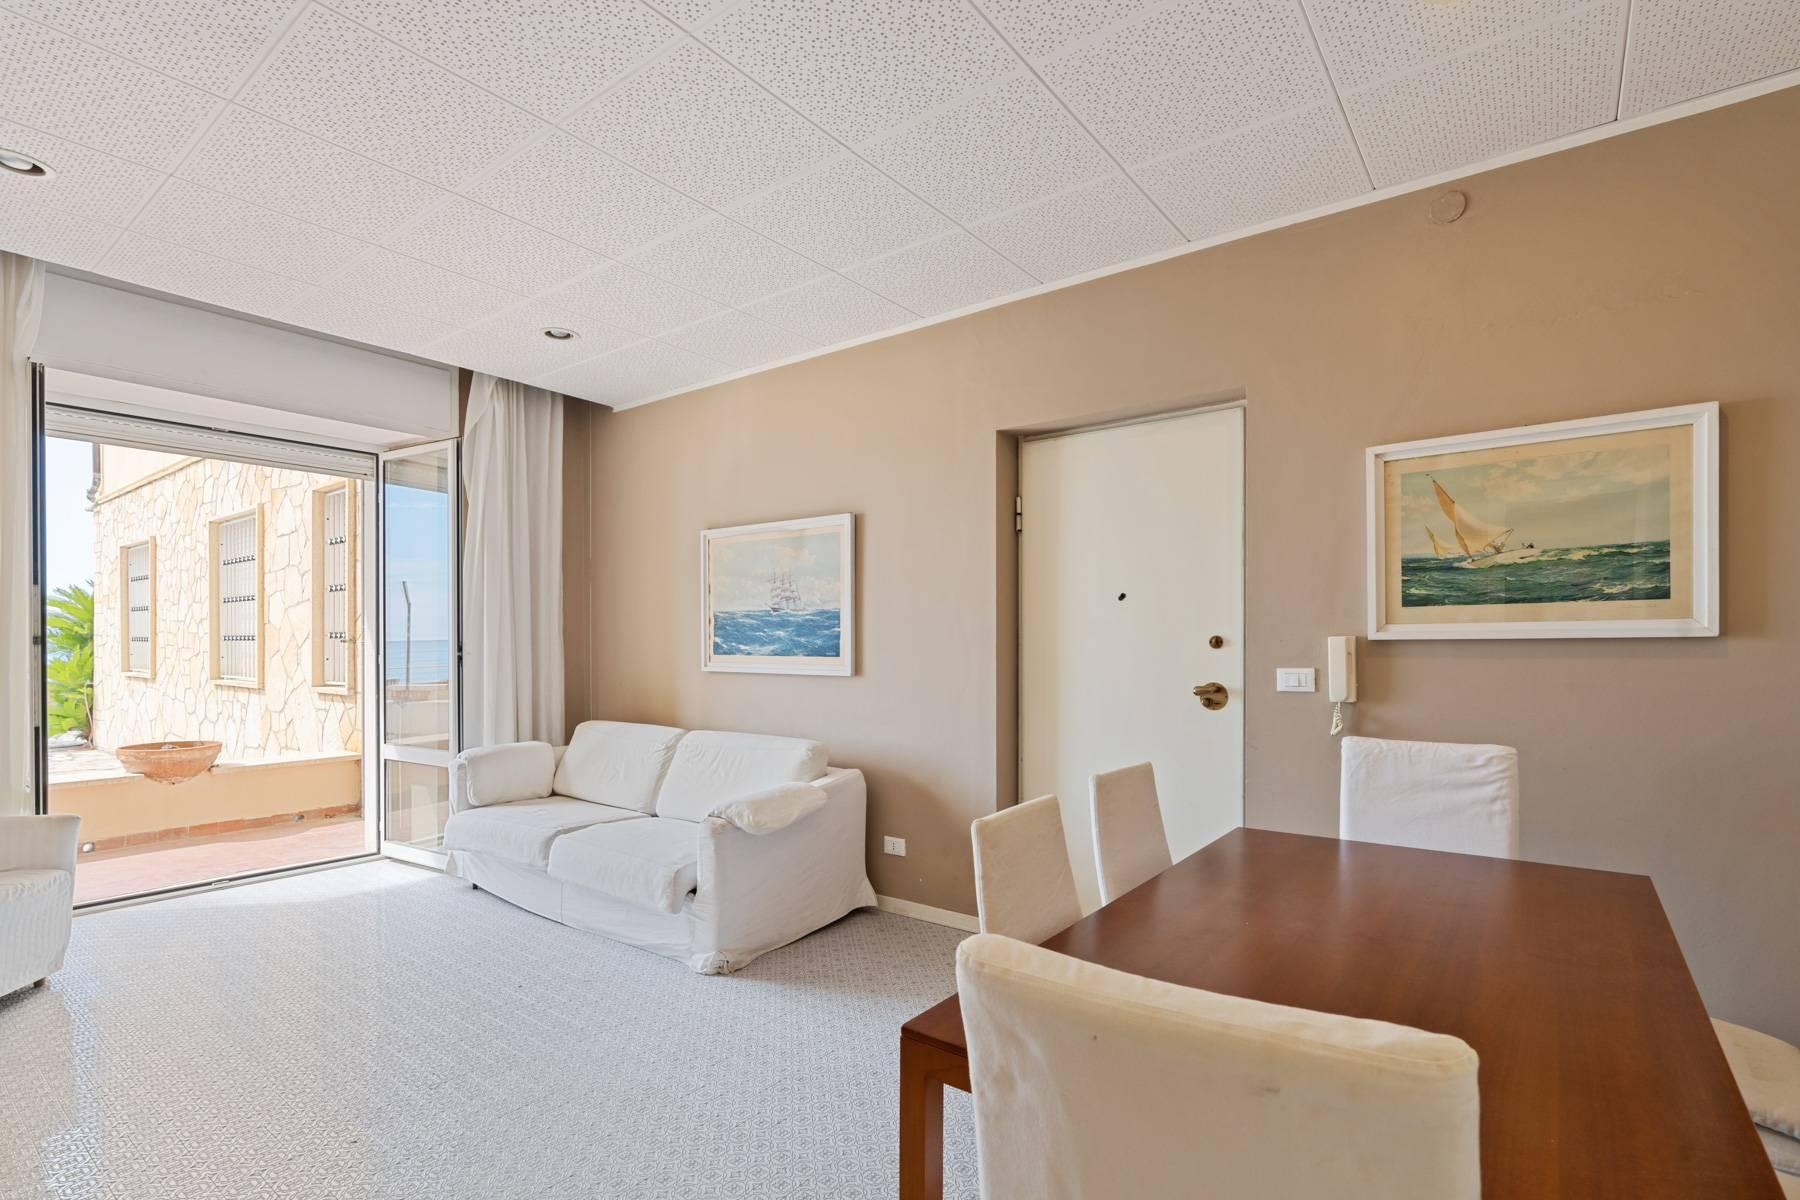 Wohnung am Meer mit wunderscöner Terrasse - 3